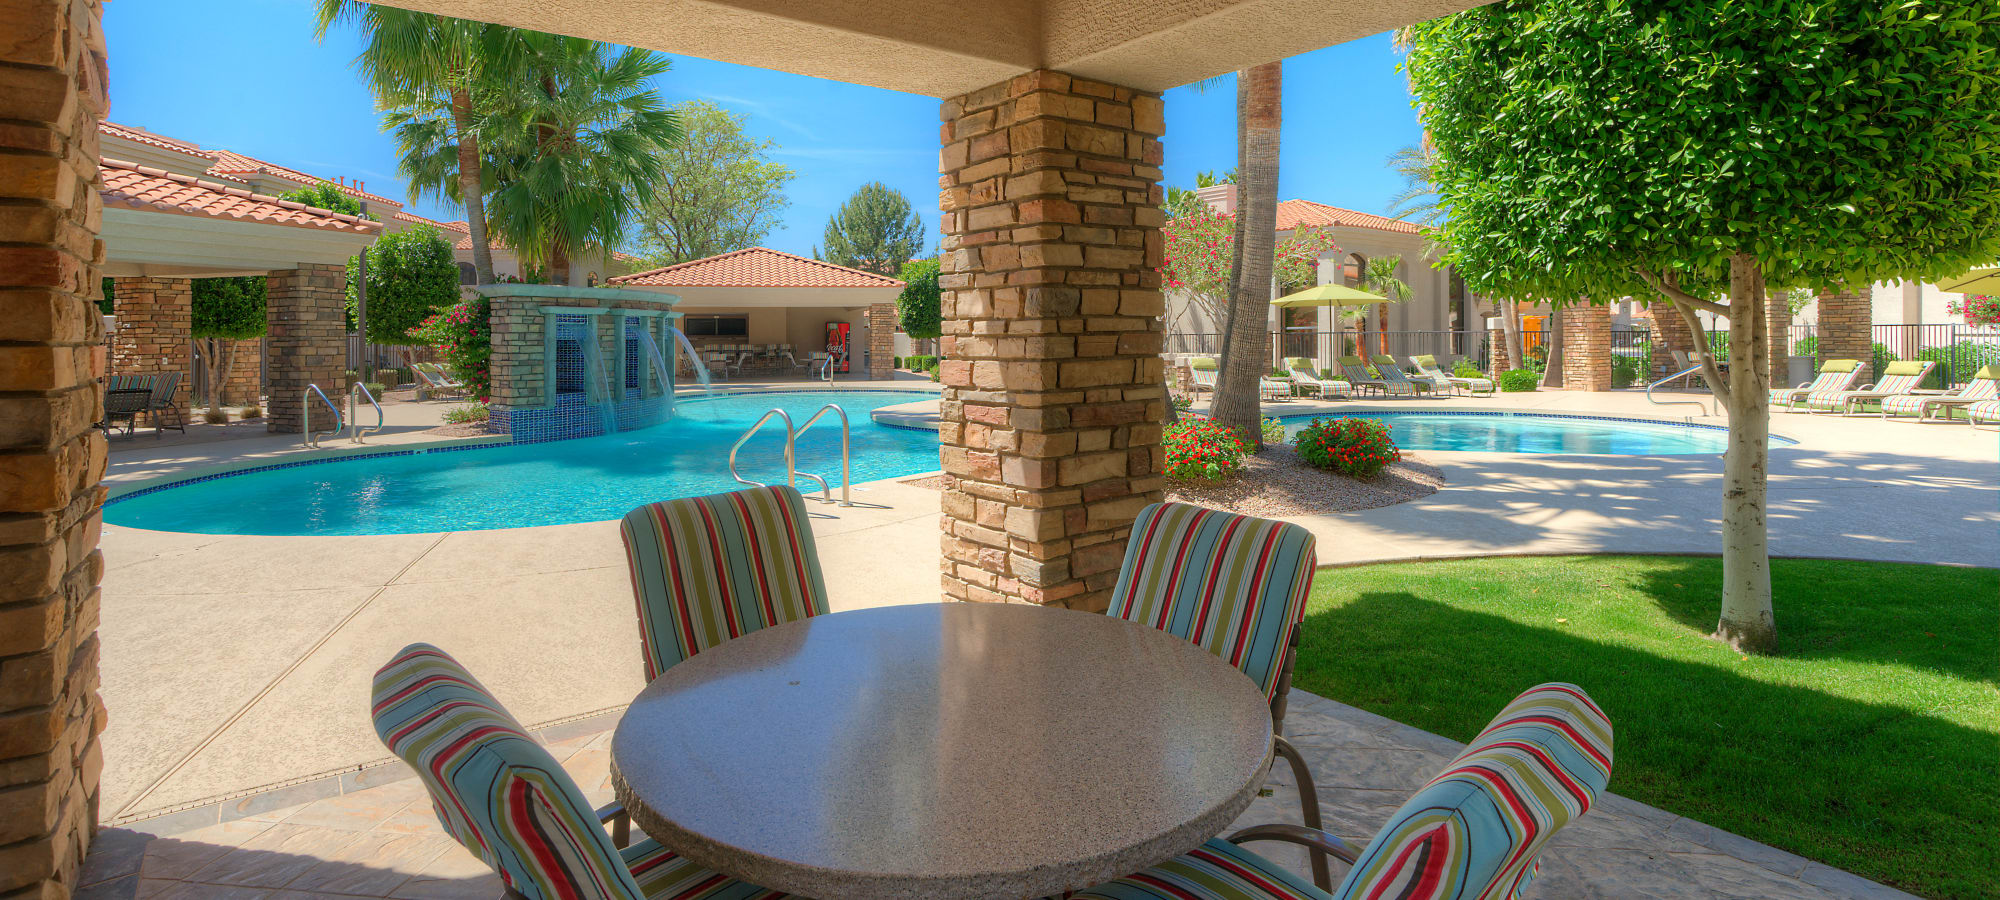 Outdoor seating next to the swimming pool at San Prado in Glendale, Arizona